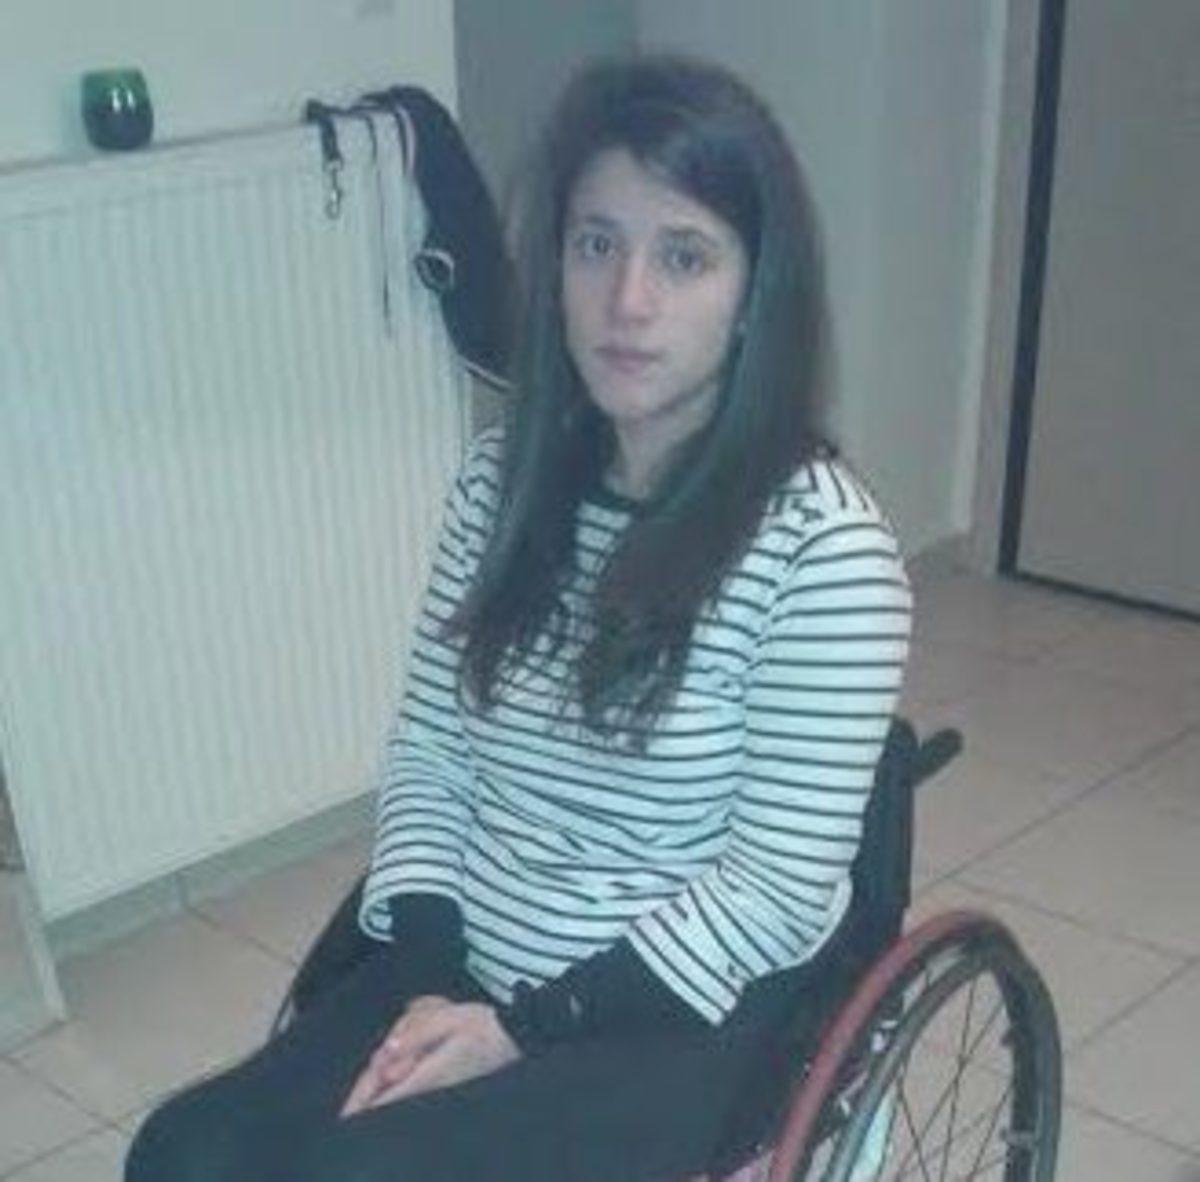 Κρήτη: Το τραγικό λάθος που άφησε παράλυτη τη φοιτήρια Μαριλίζα Γουργολίτσα – Ο επίμoνος πόνος στην πλάτη της [pics]   Newsit.gr